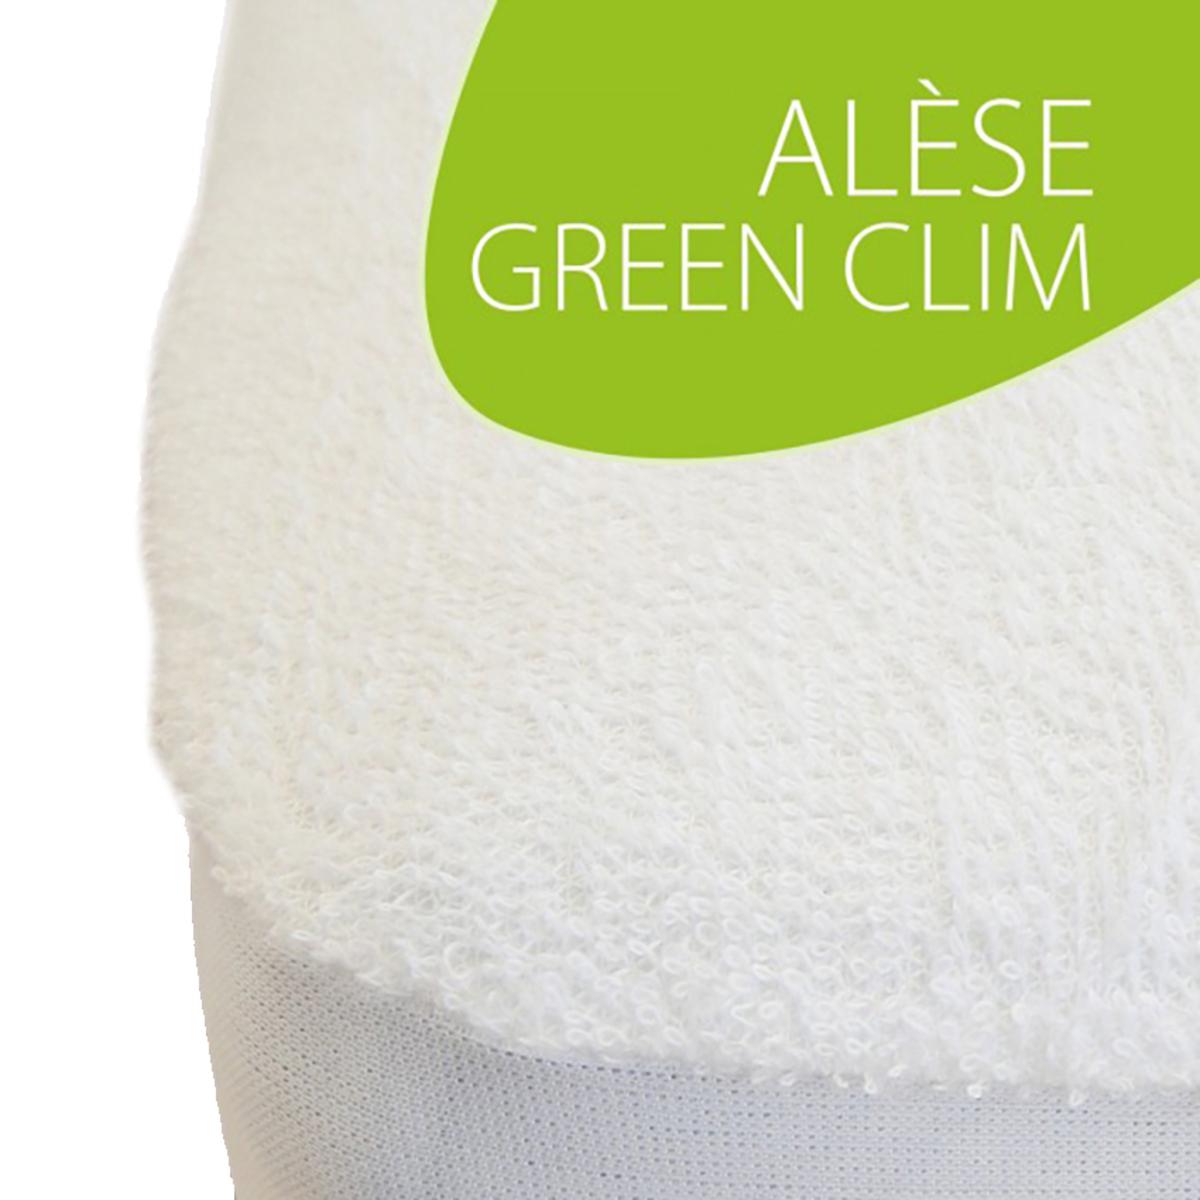 Linge de lit Alèse Green Clim - 60 x 120 cm Alèse Green Clim - 60 x 120 cm